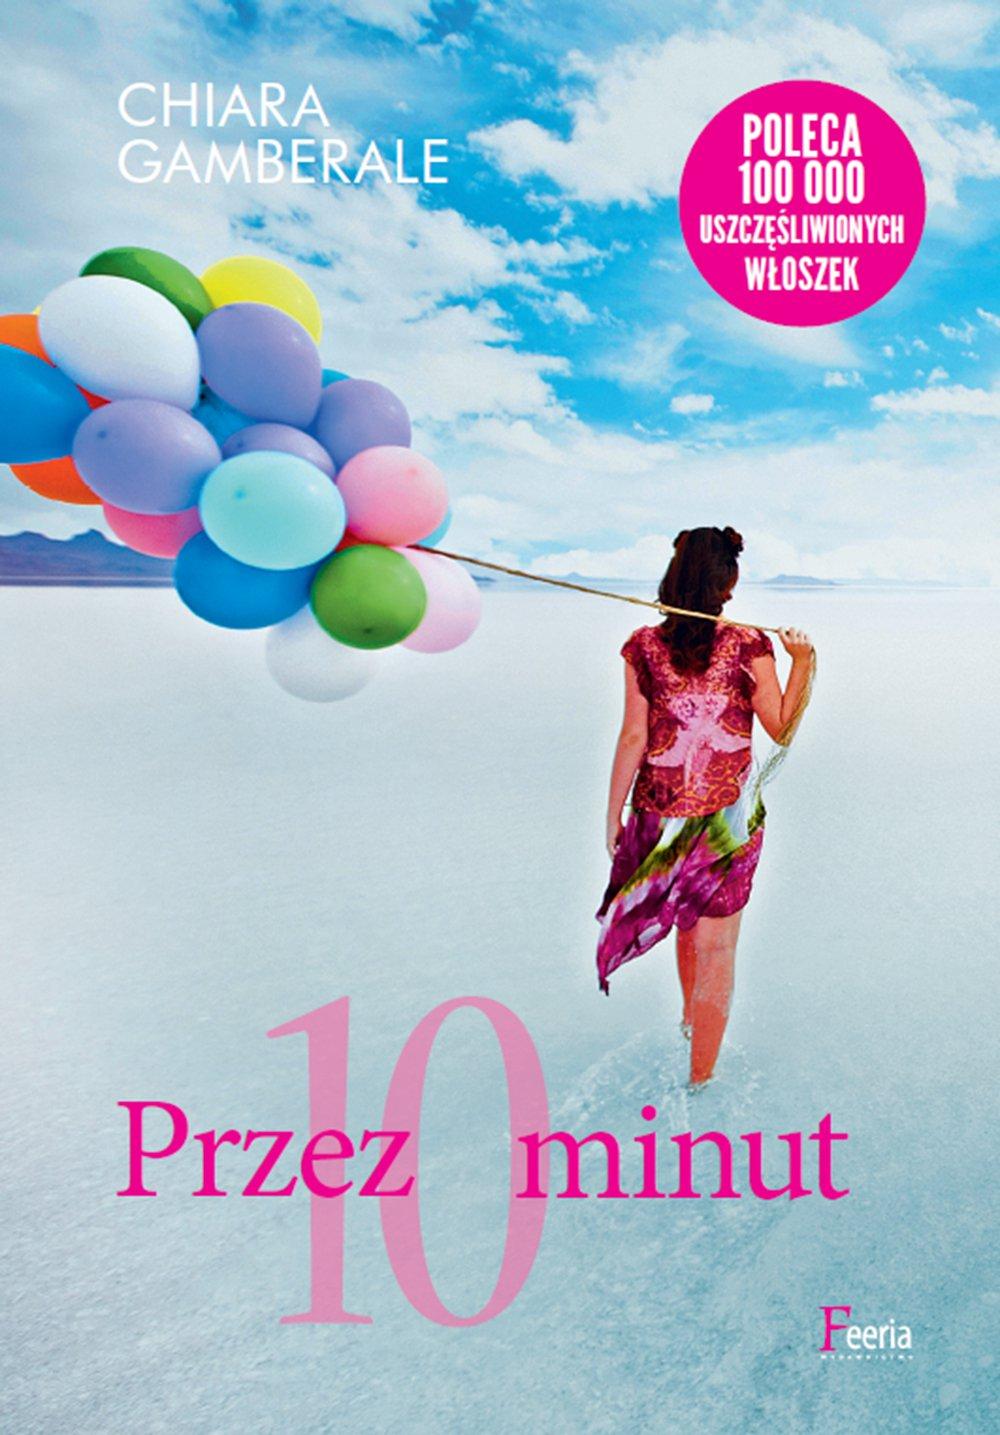 Przez 10 minut - Ebook (Książka na Kindle) do pobrania w formacie MOBI